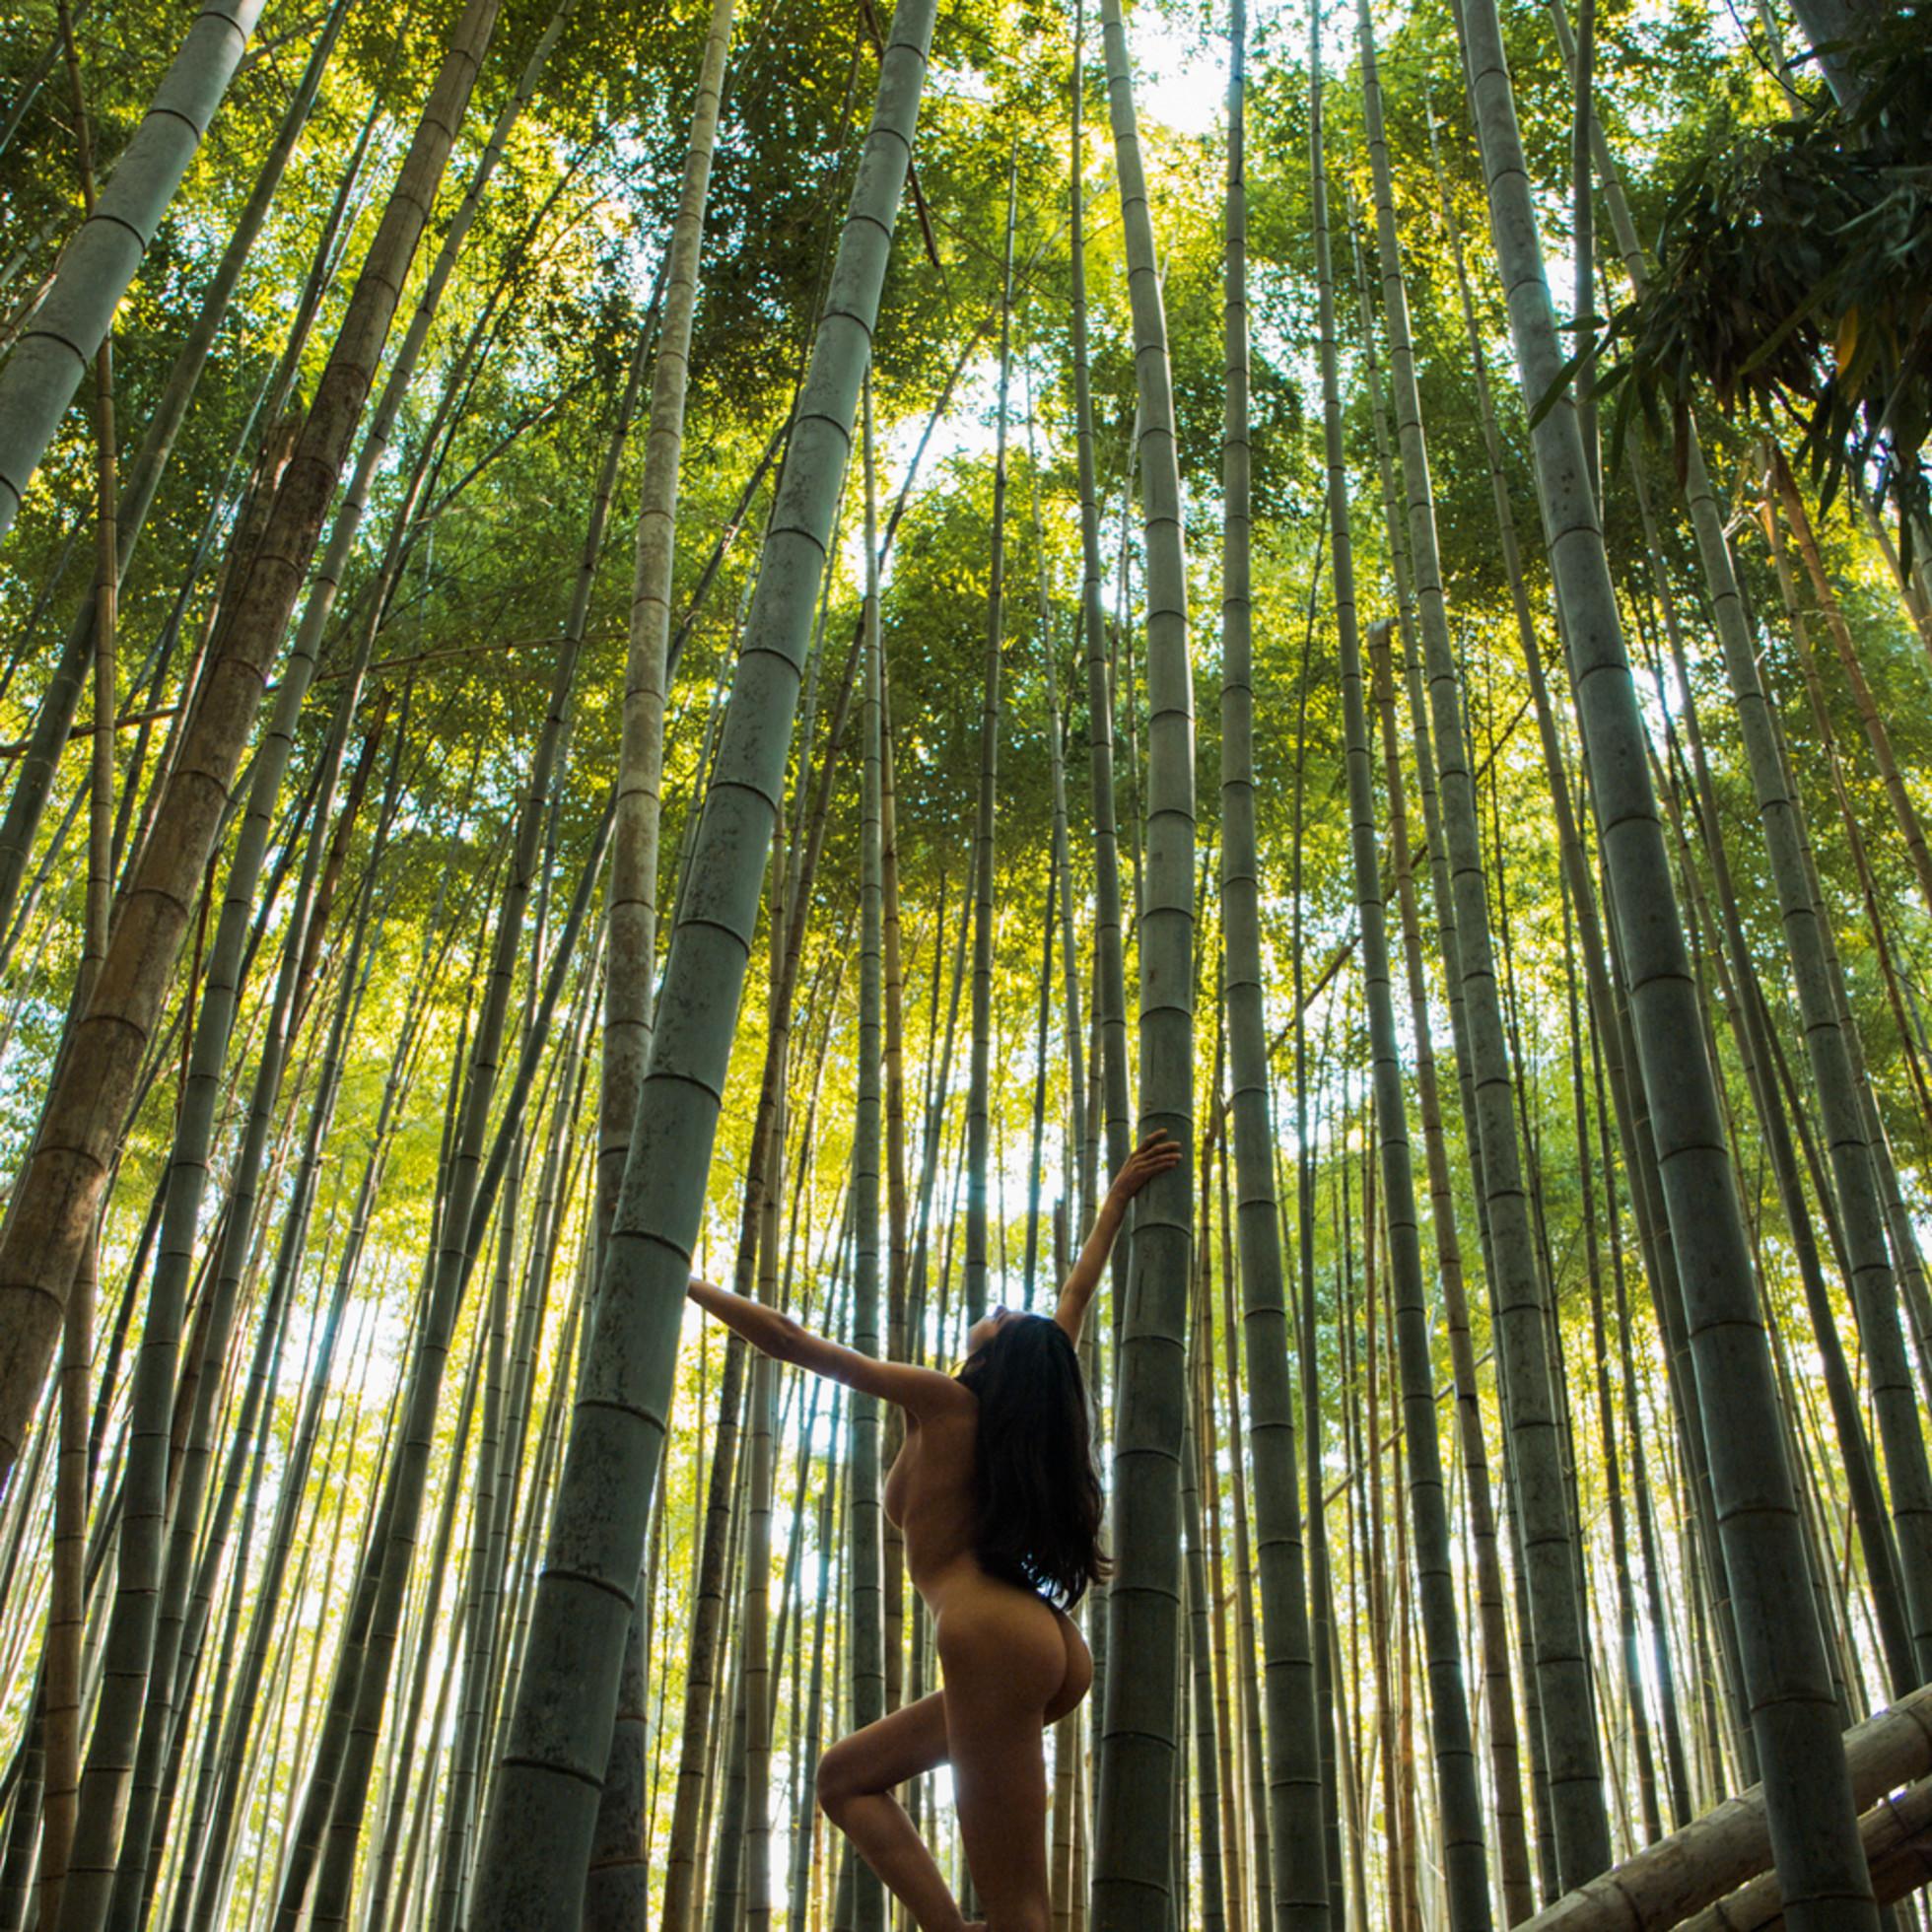 Bamboo ueoxn4